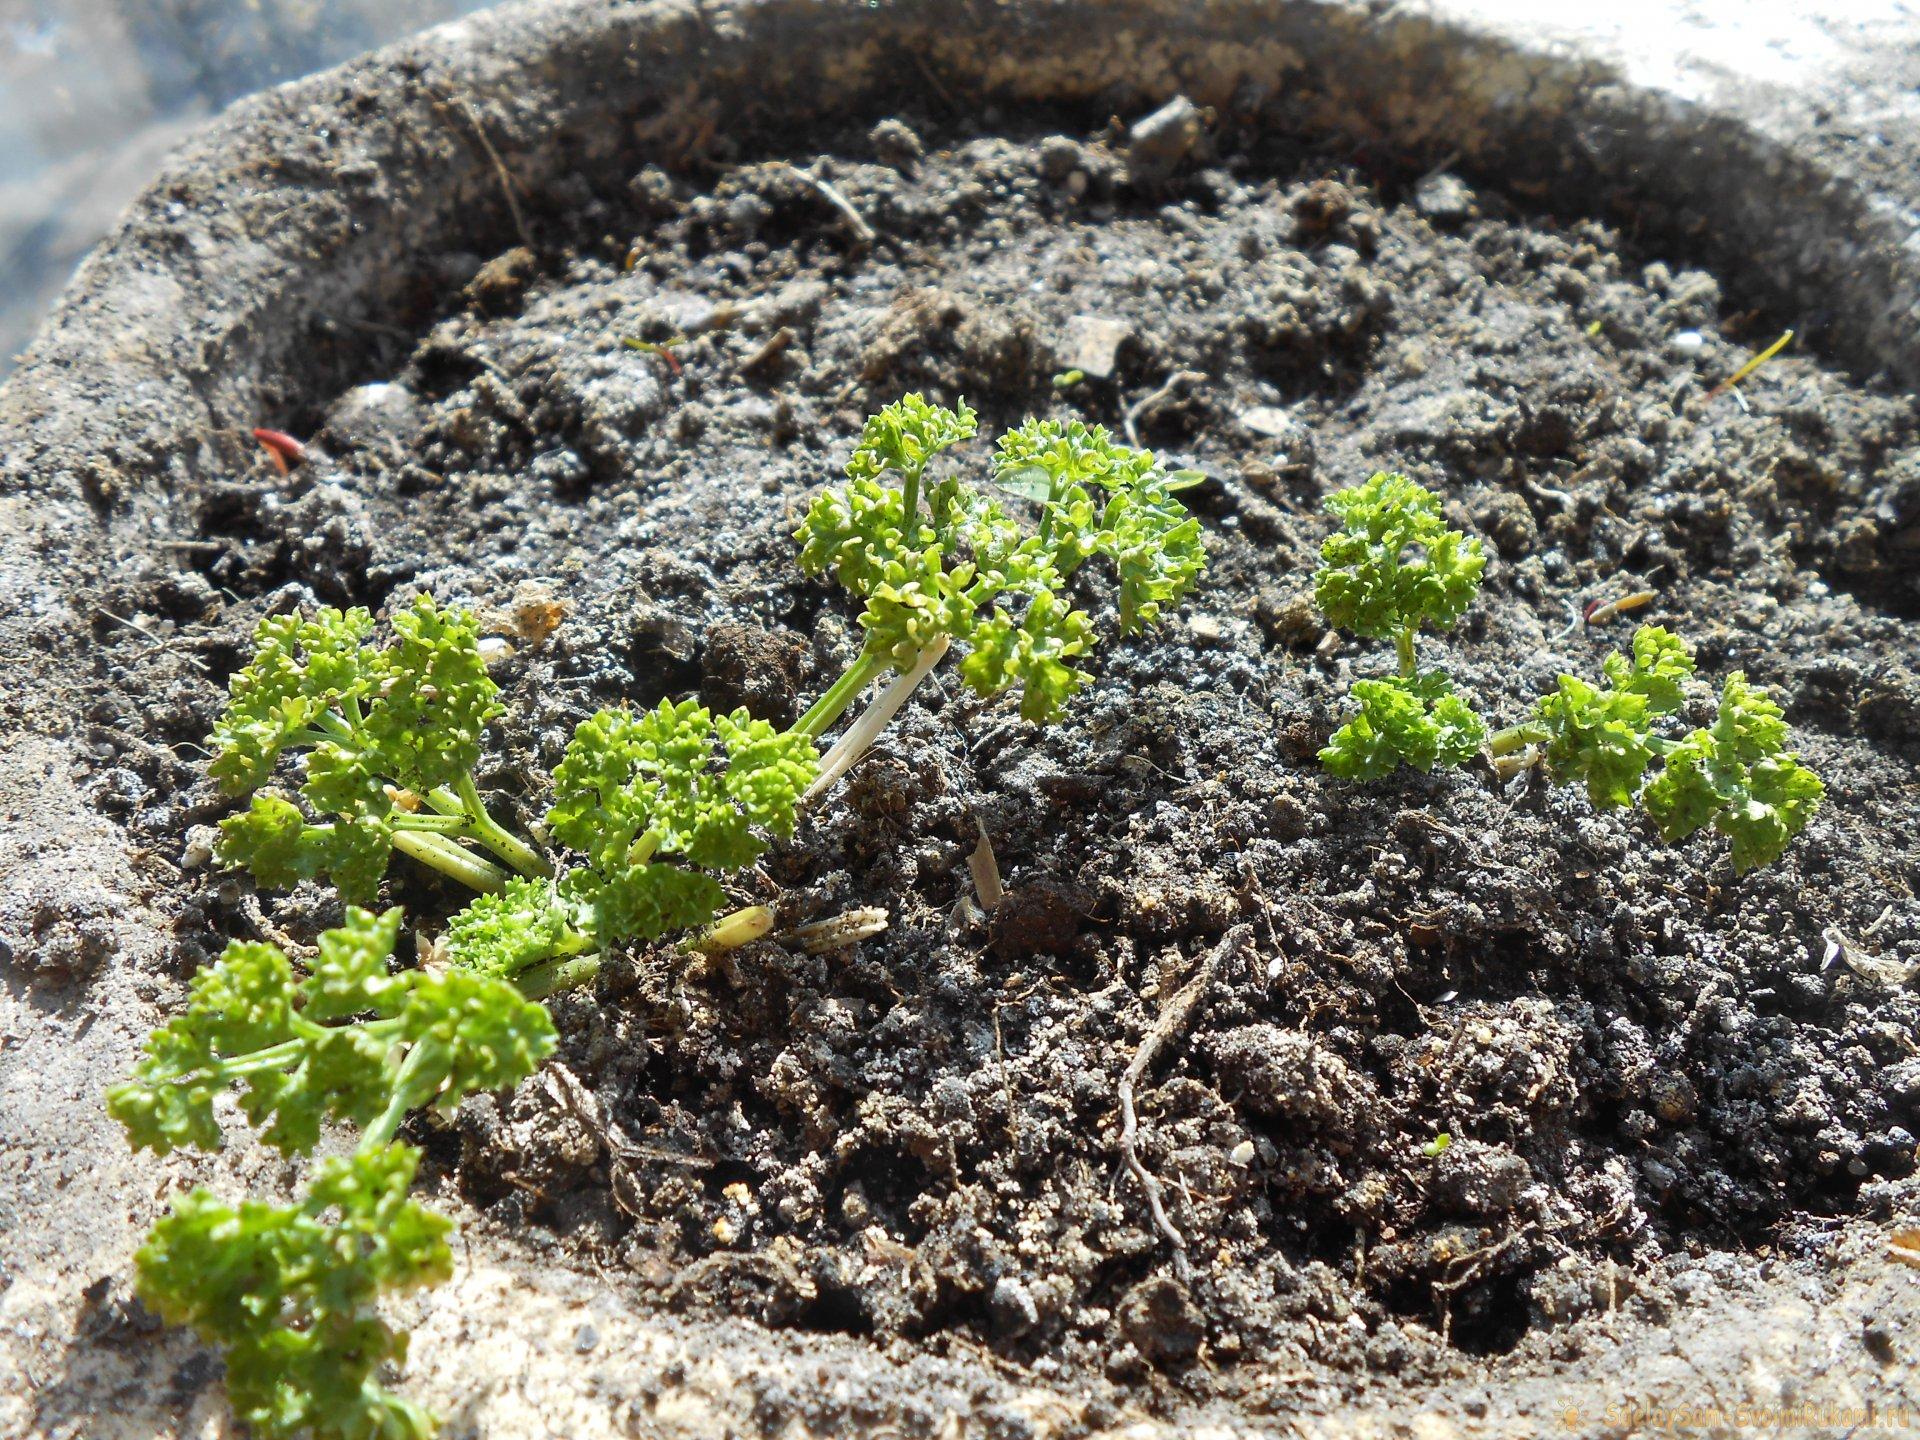 Как вырастить петрушку на подоконнике зимой и летом. Пошаговая фото инструкция с секретами